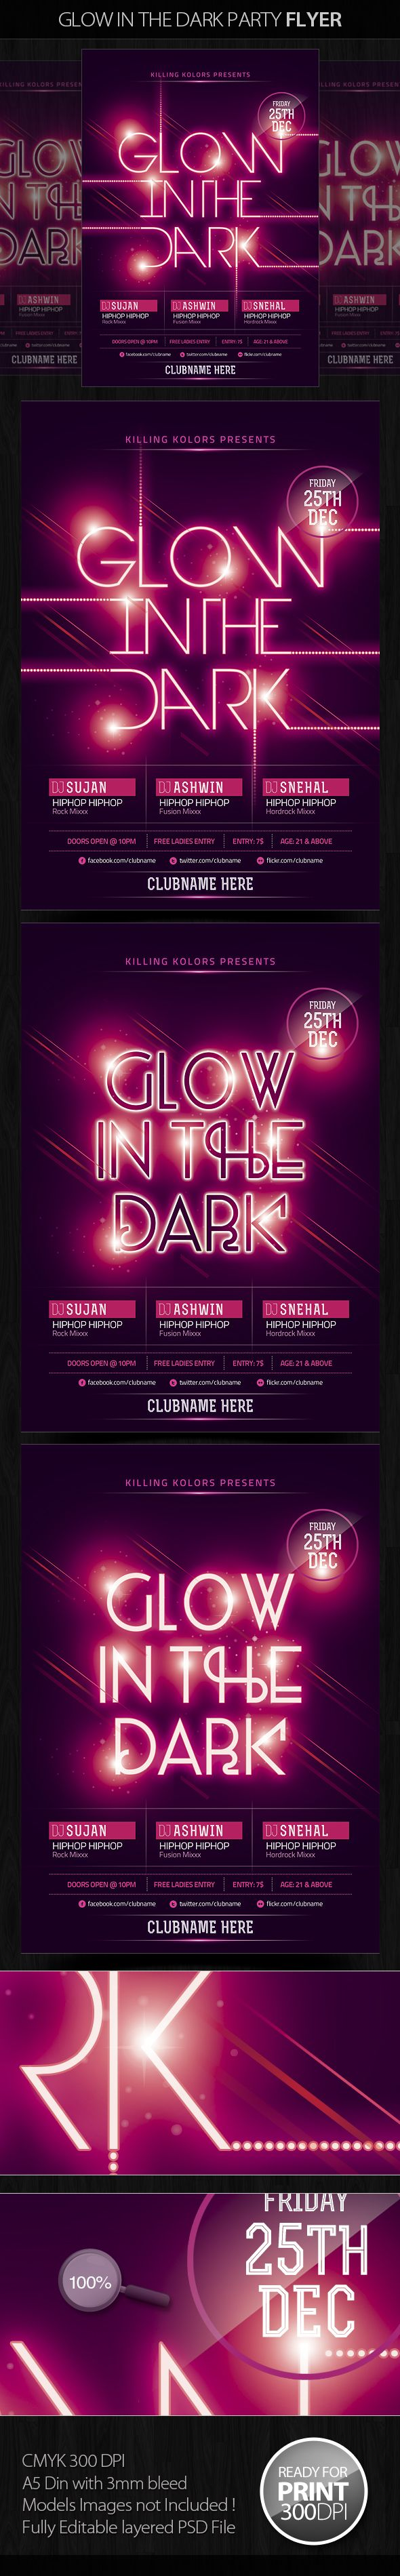 Glow in the Dark Party Flyer by Mahantesh Nagashetty, via Behance